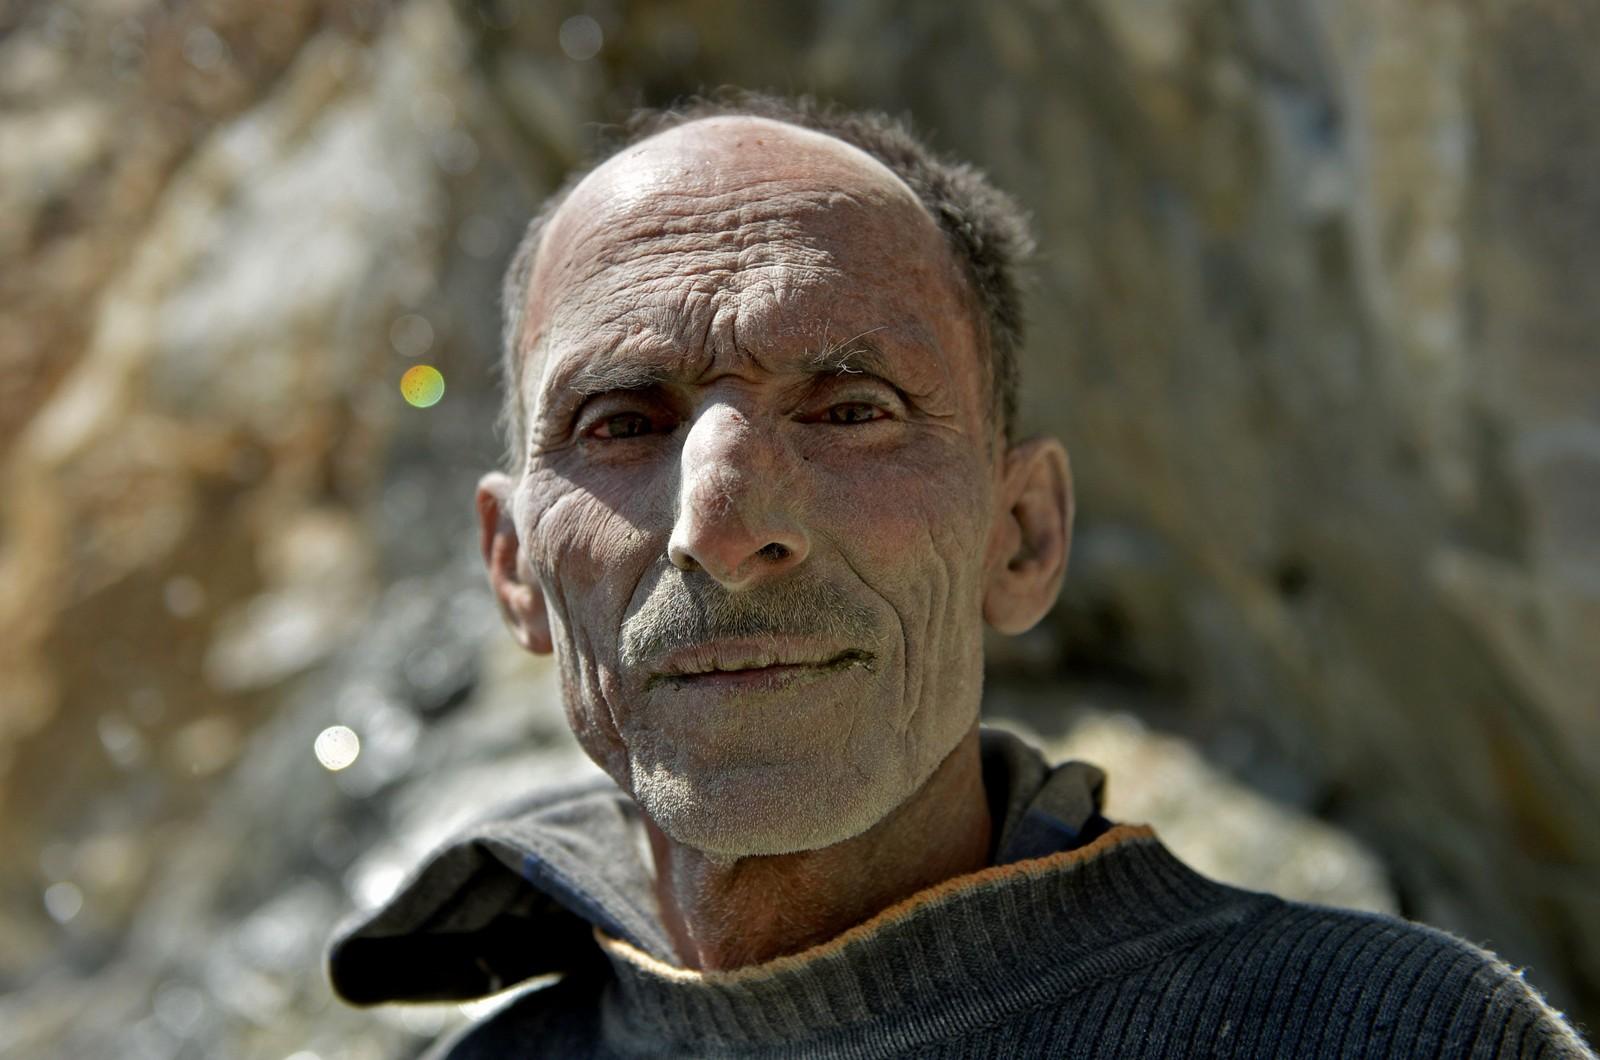 Ikke alle har fri til å markere arbeidernes dag. Denne mannen har tatt en pause fra å hente ut stein ved et steinbrudd utenfor Srinagar i Kashmir 1. mai.